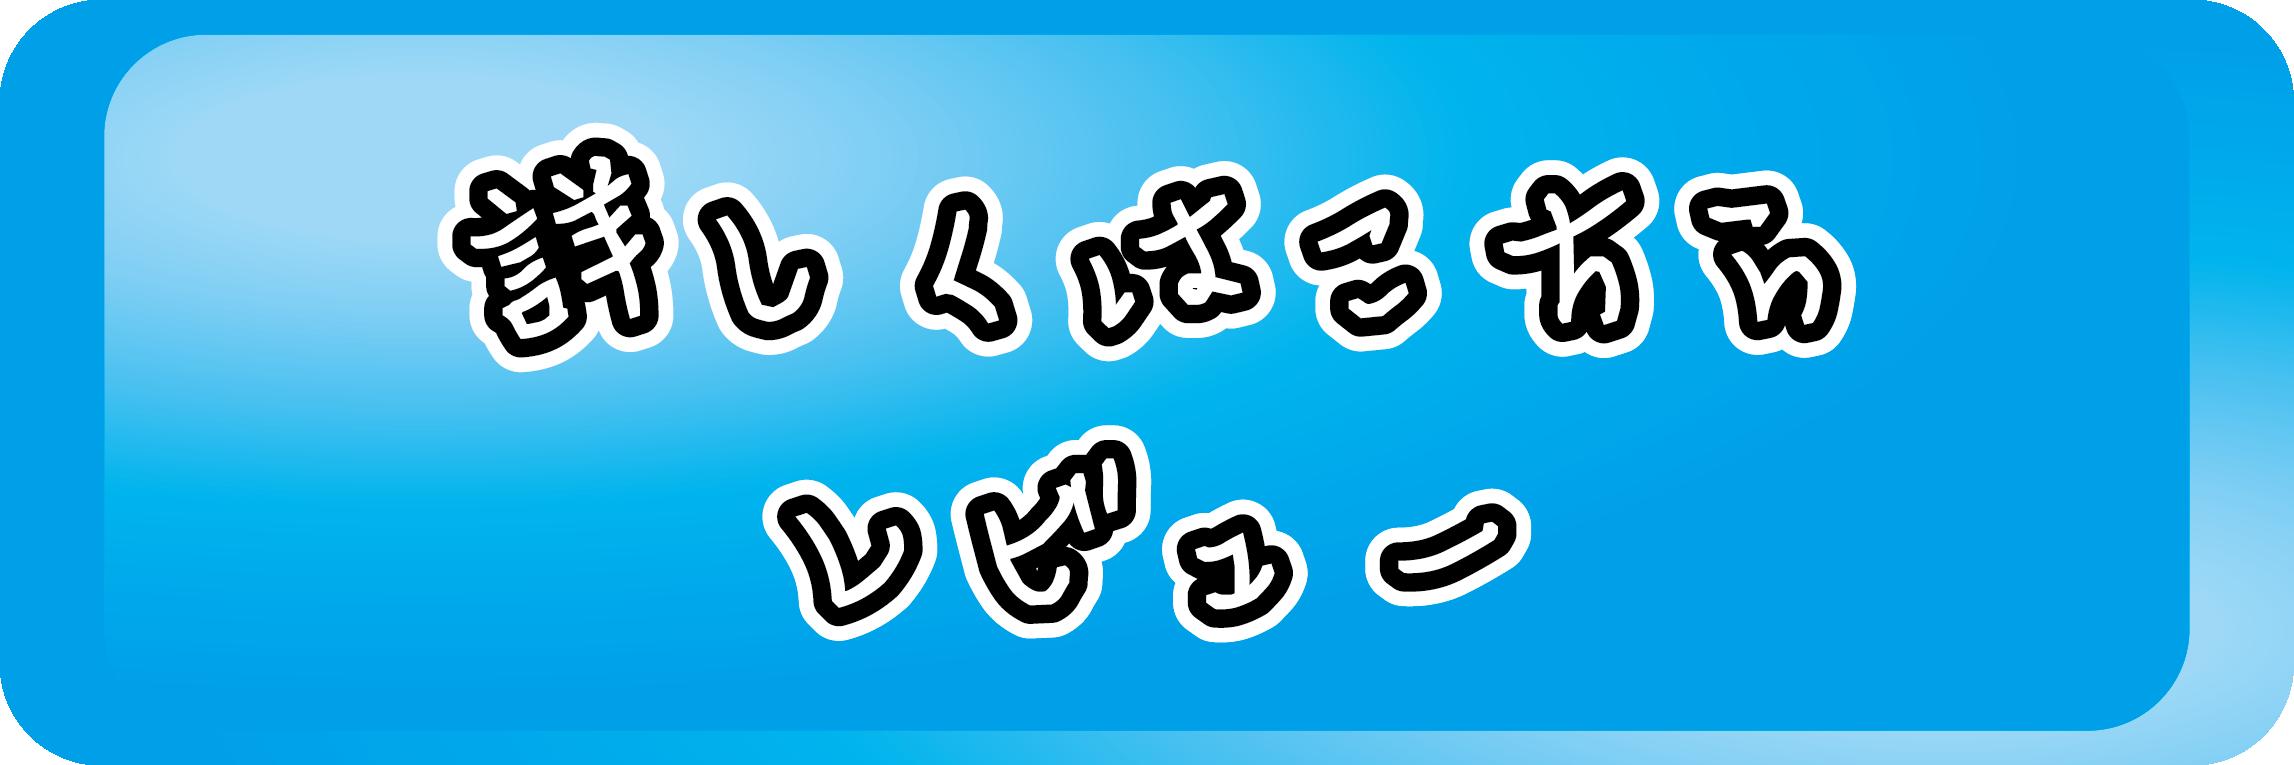 201607_仮設卓球場ロゴ01